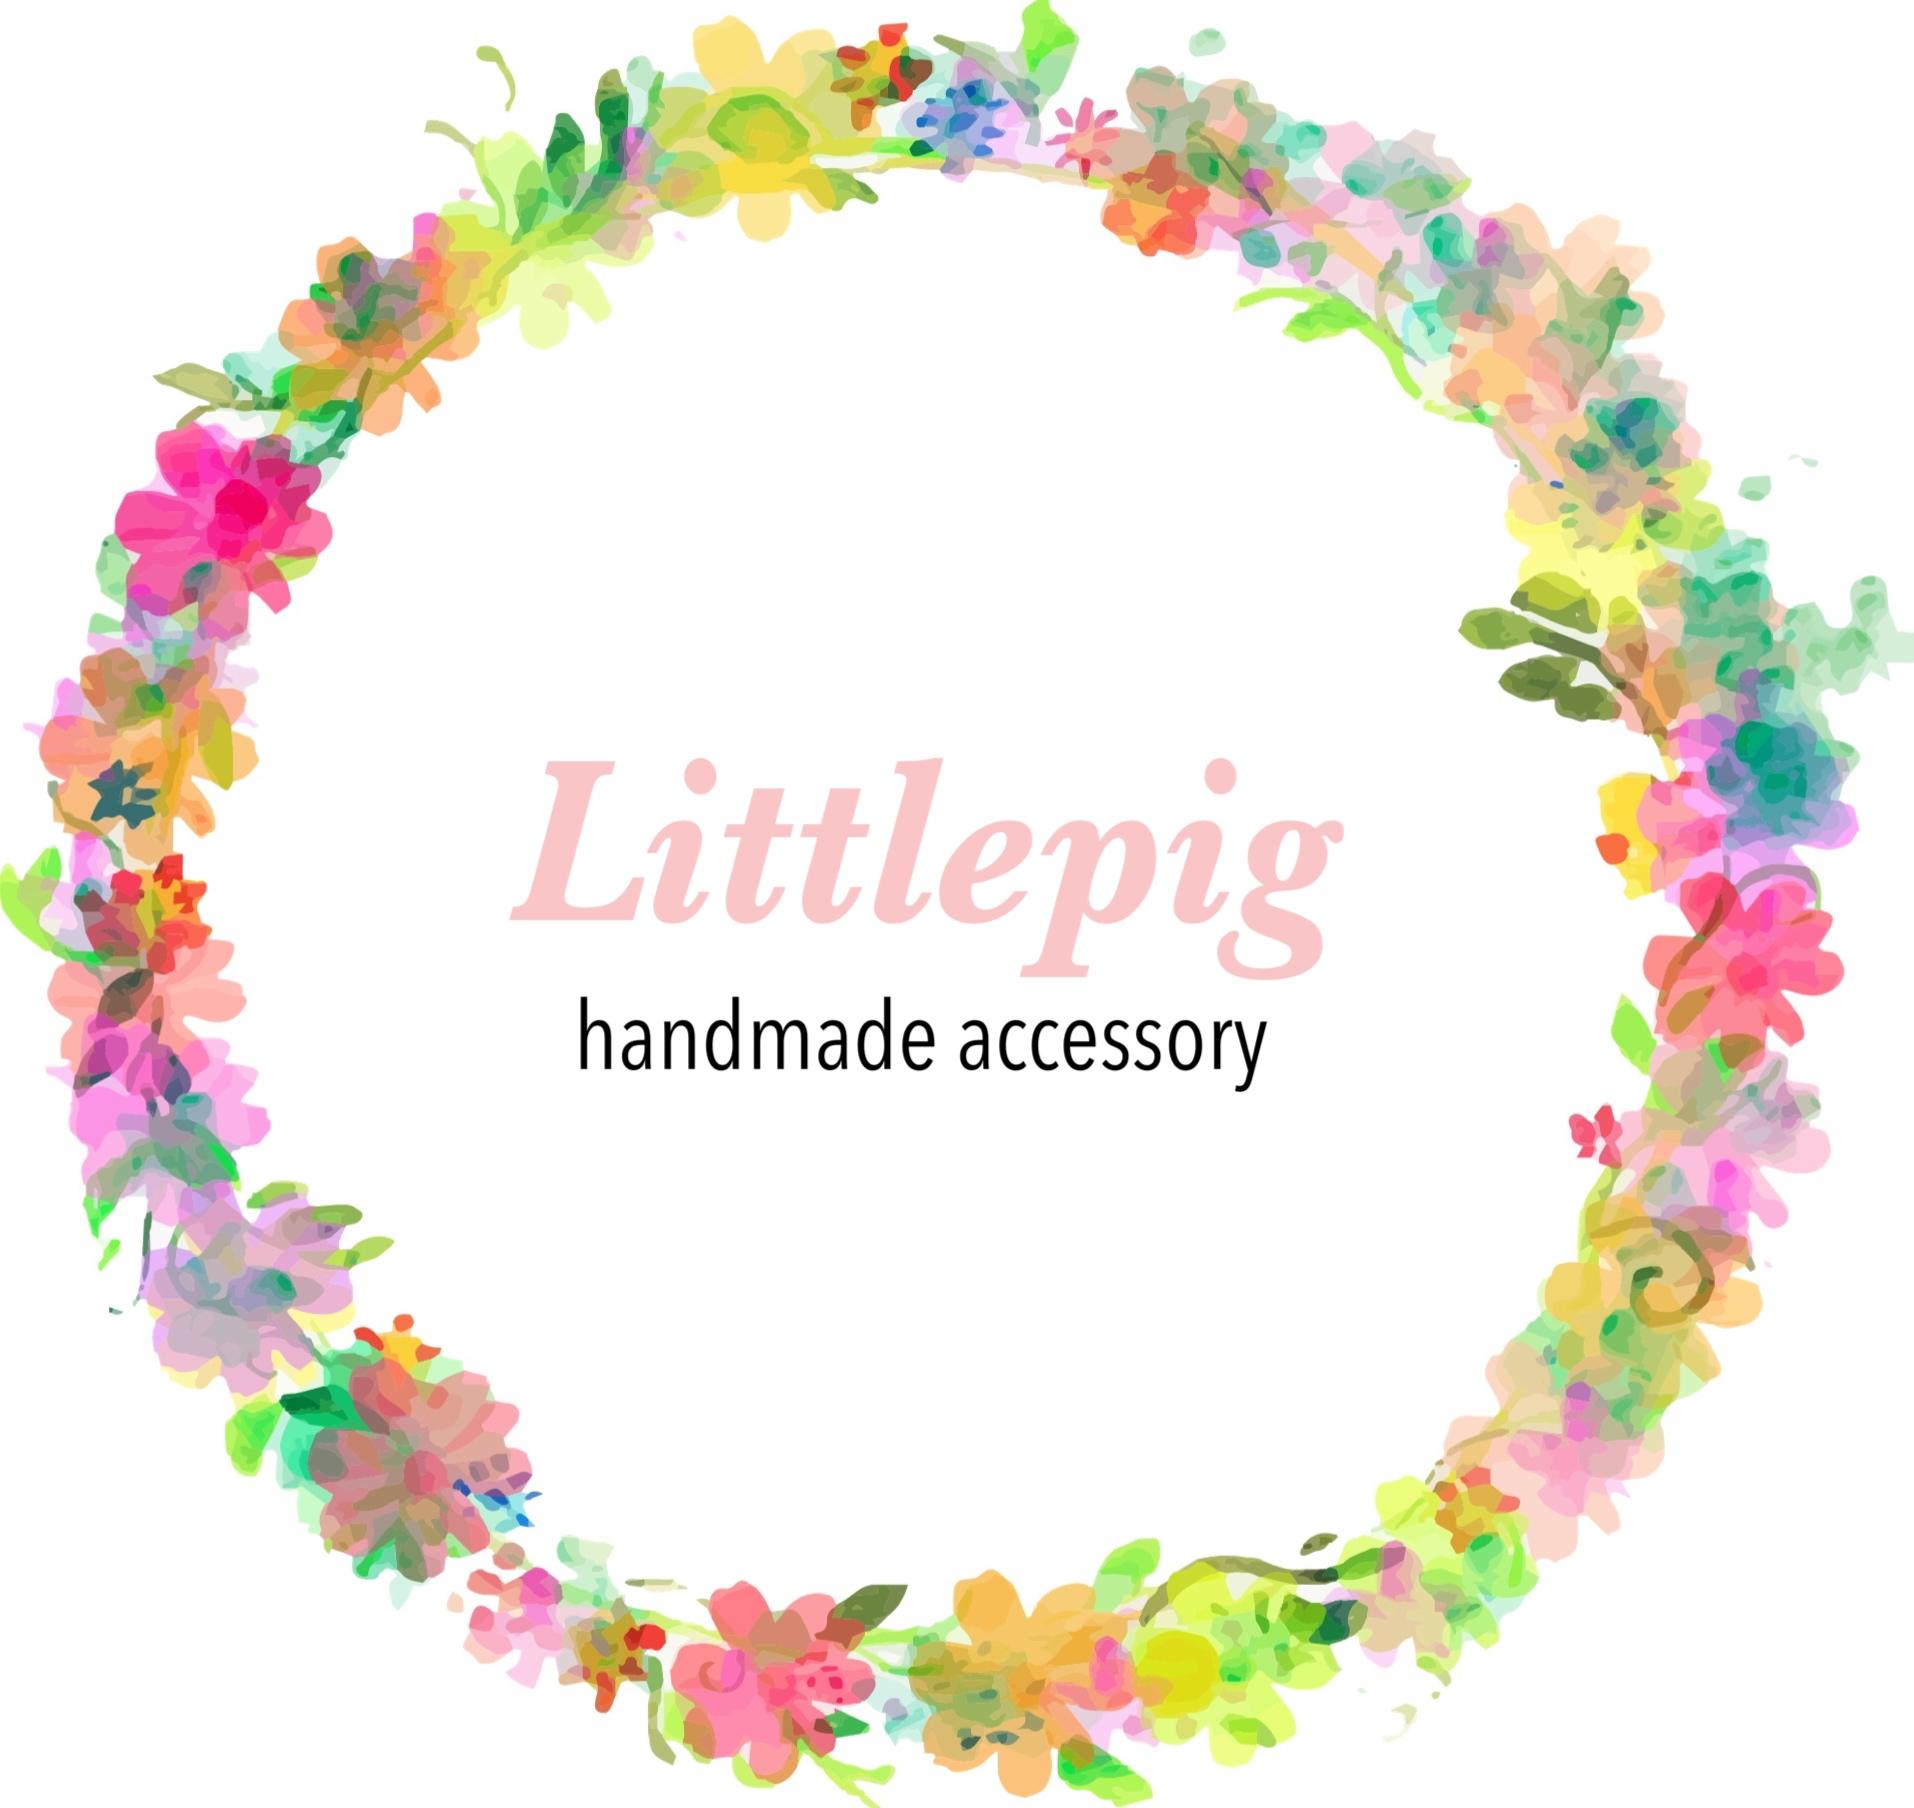 littlepig88